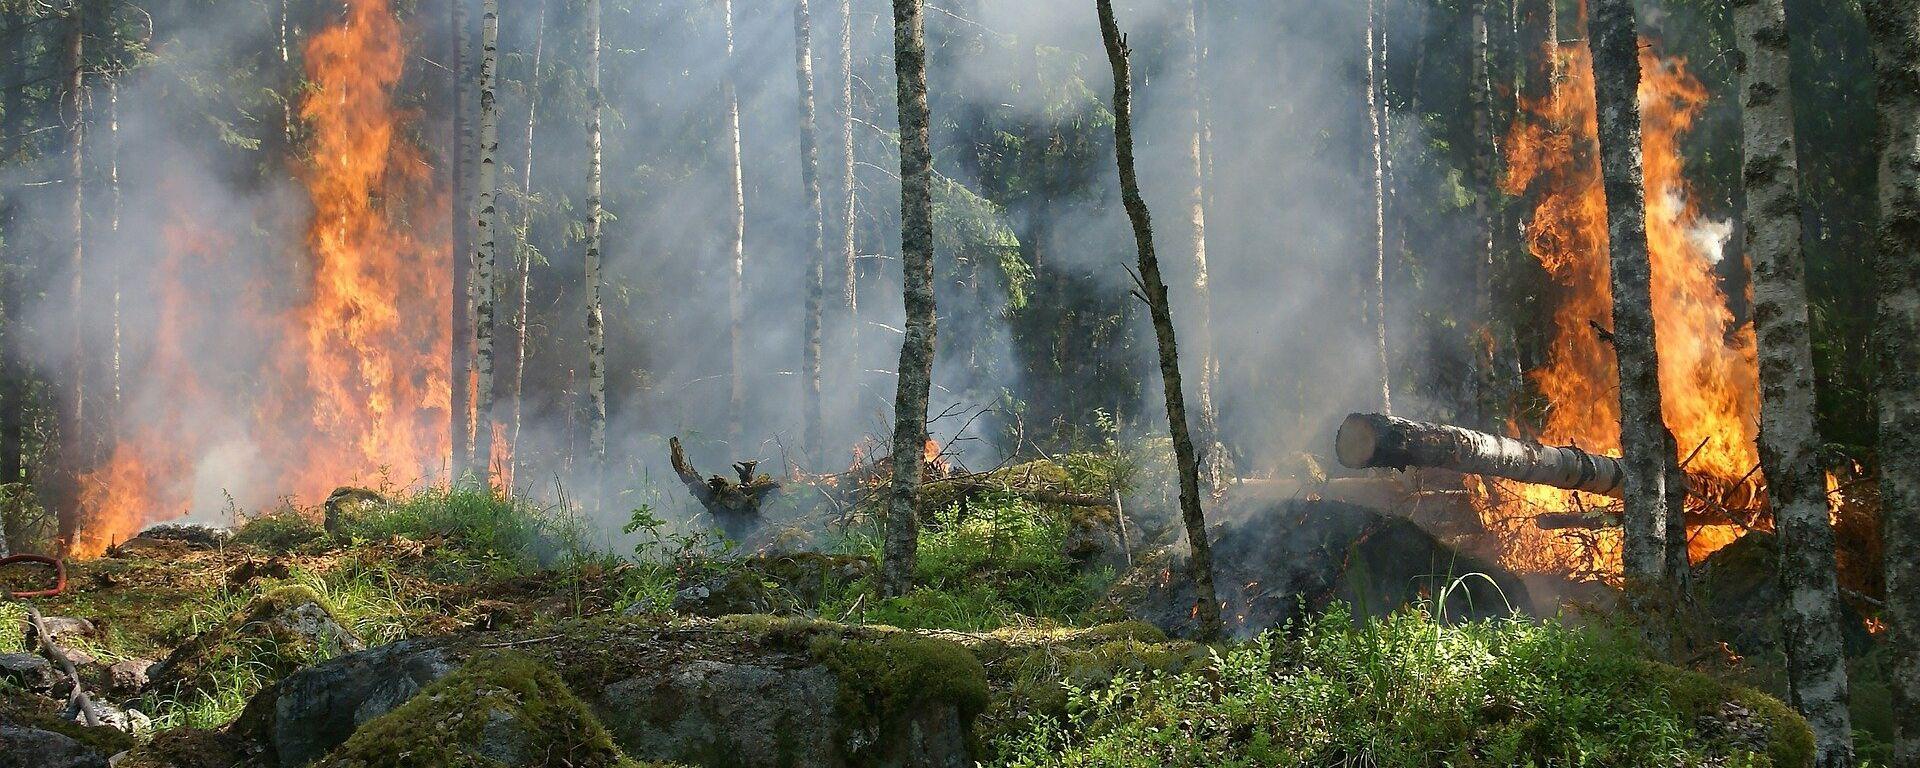 Лесной пожар - Sputnik Латвия, 1920, 04.08.2021